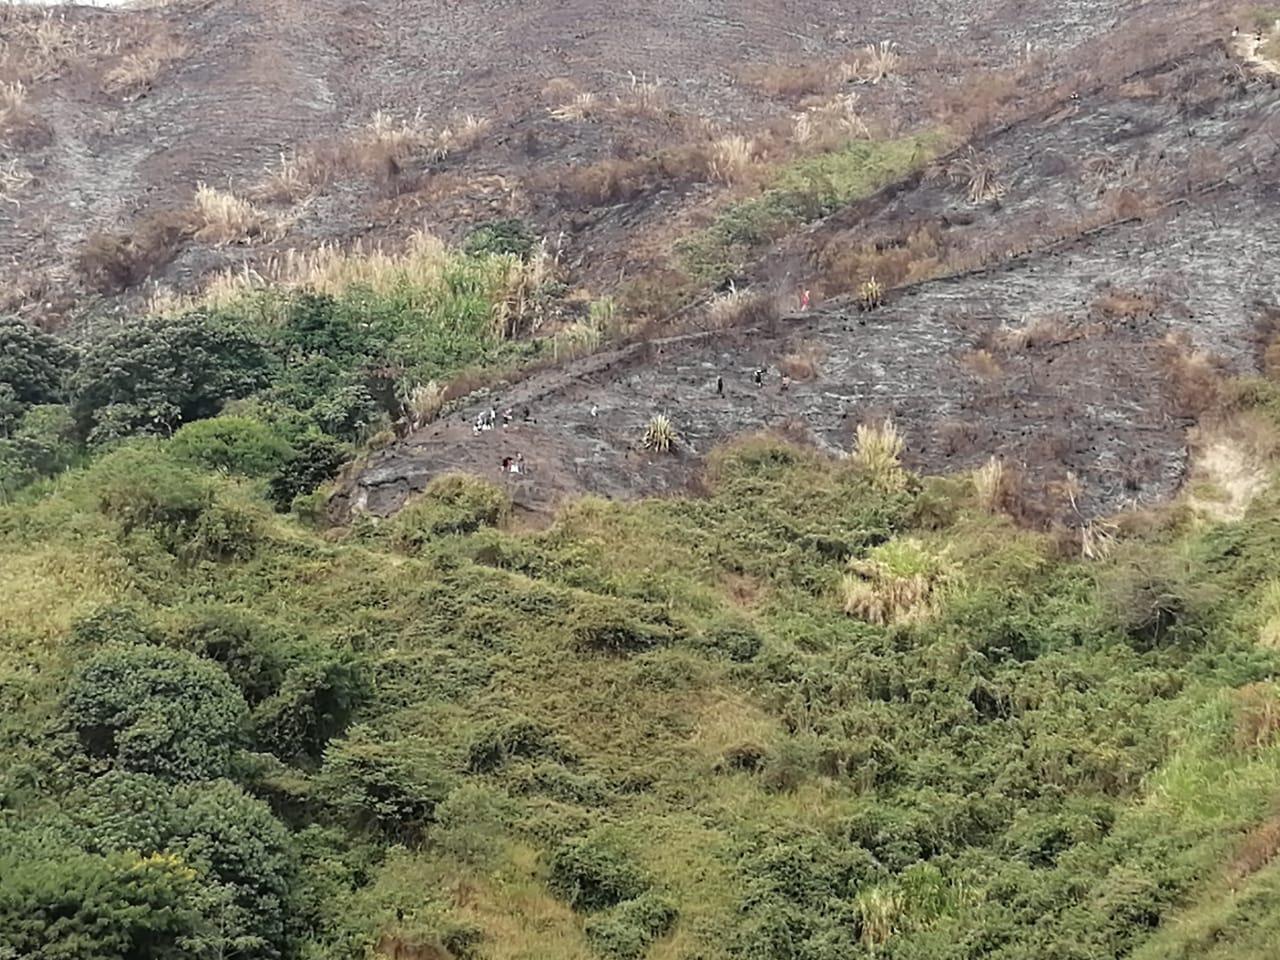 Autoridades ambientales explican por qué no se debe sembrar en terrenos incendiados